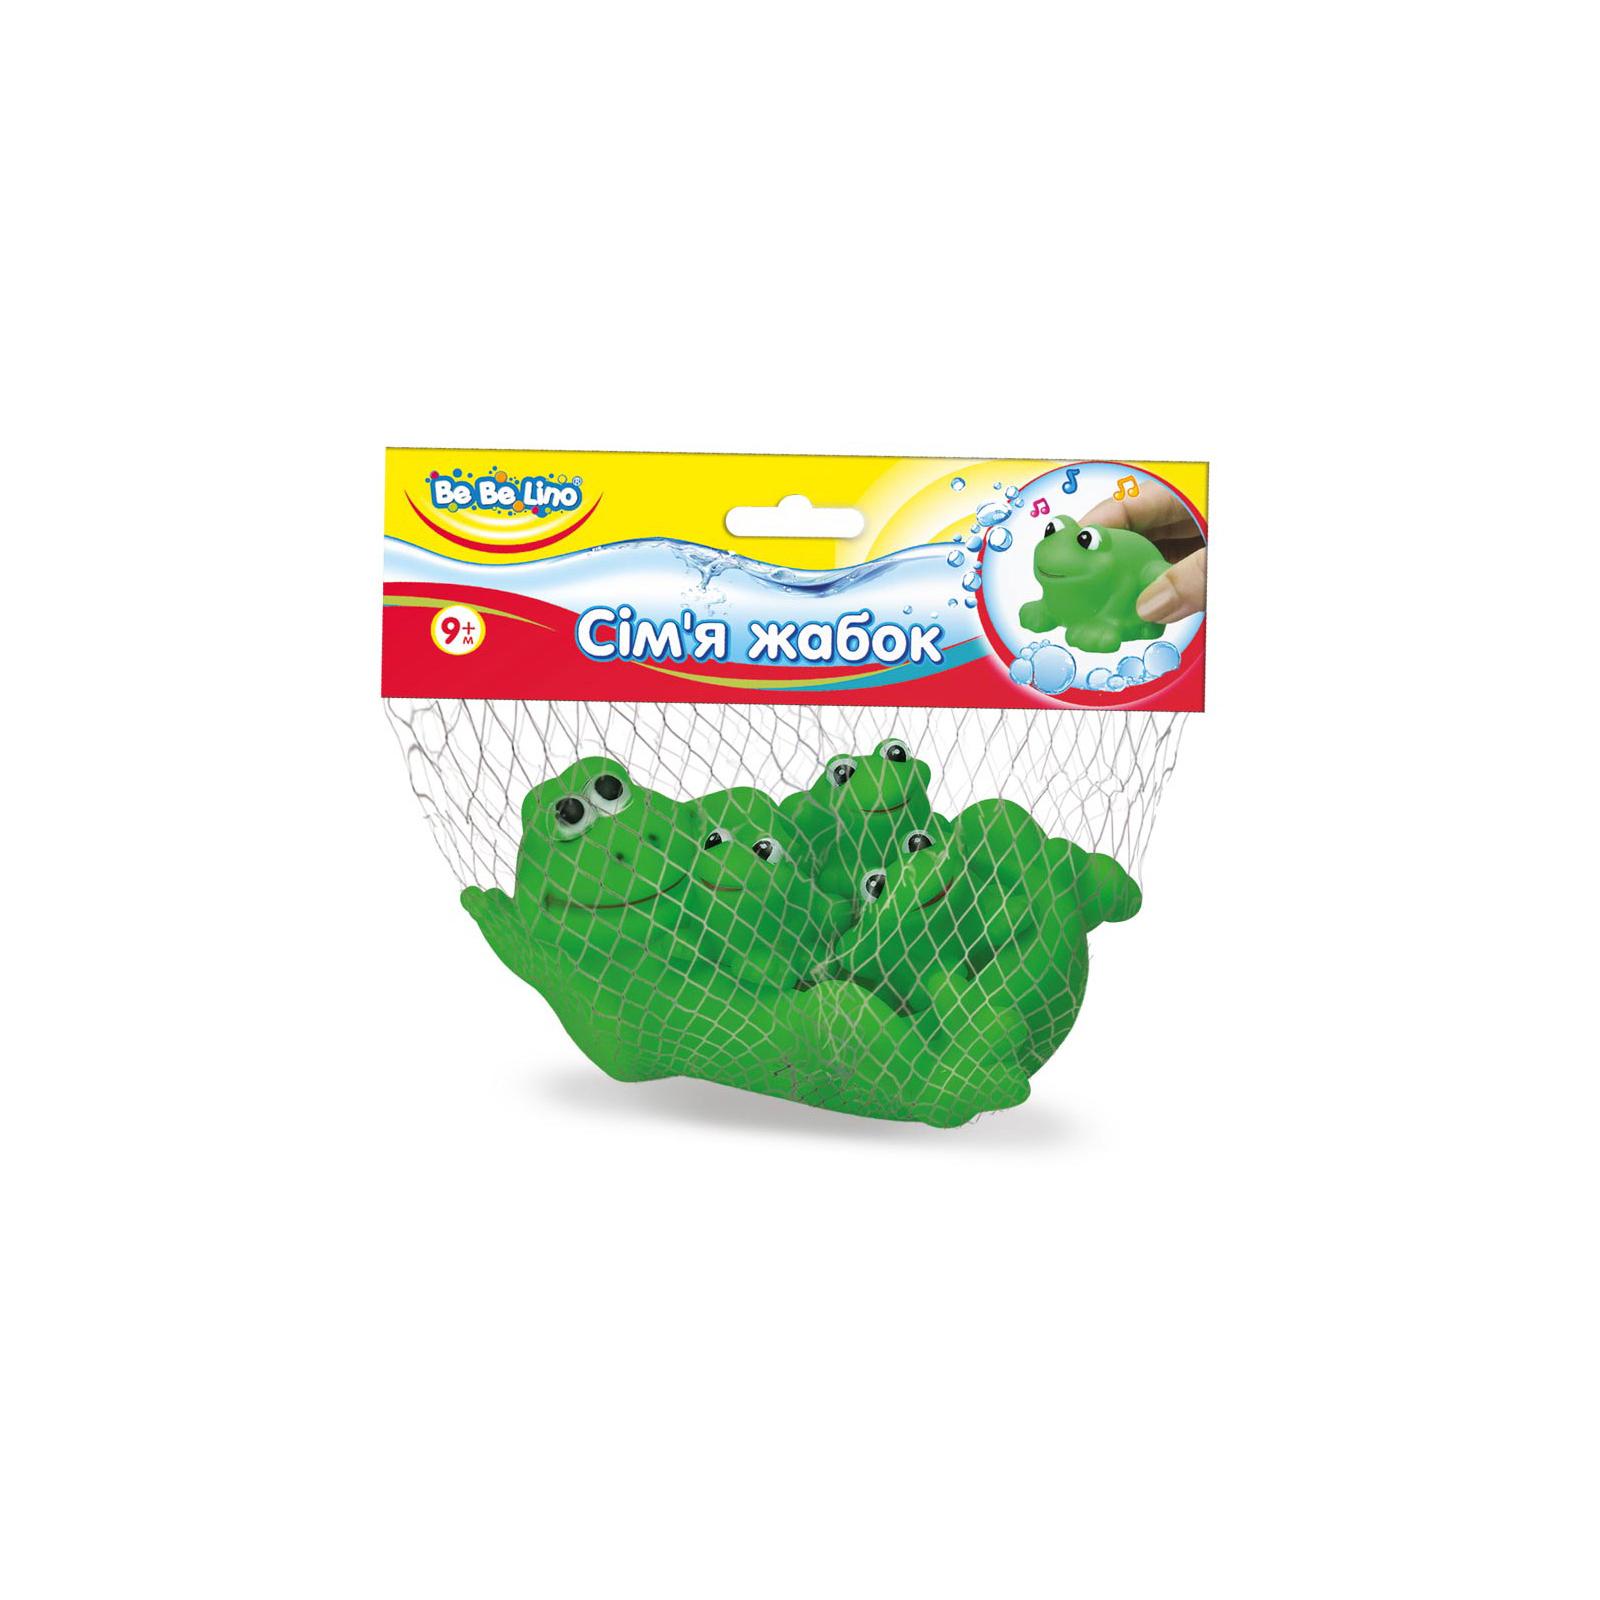 Игрушка для ванной BeBeLino Семья жабок (57091)